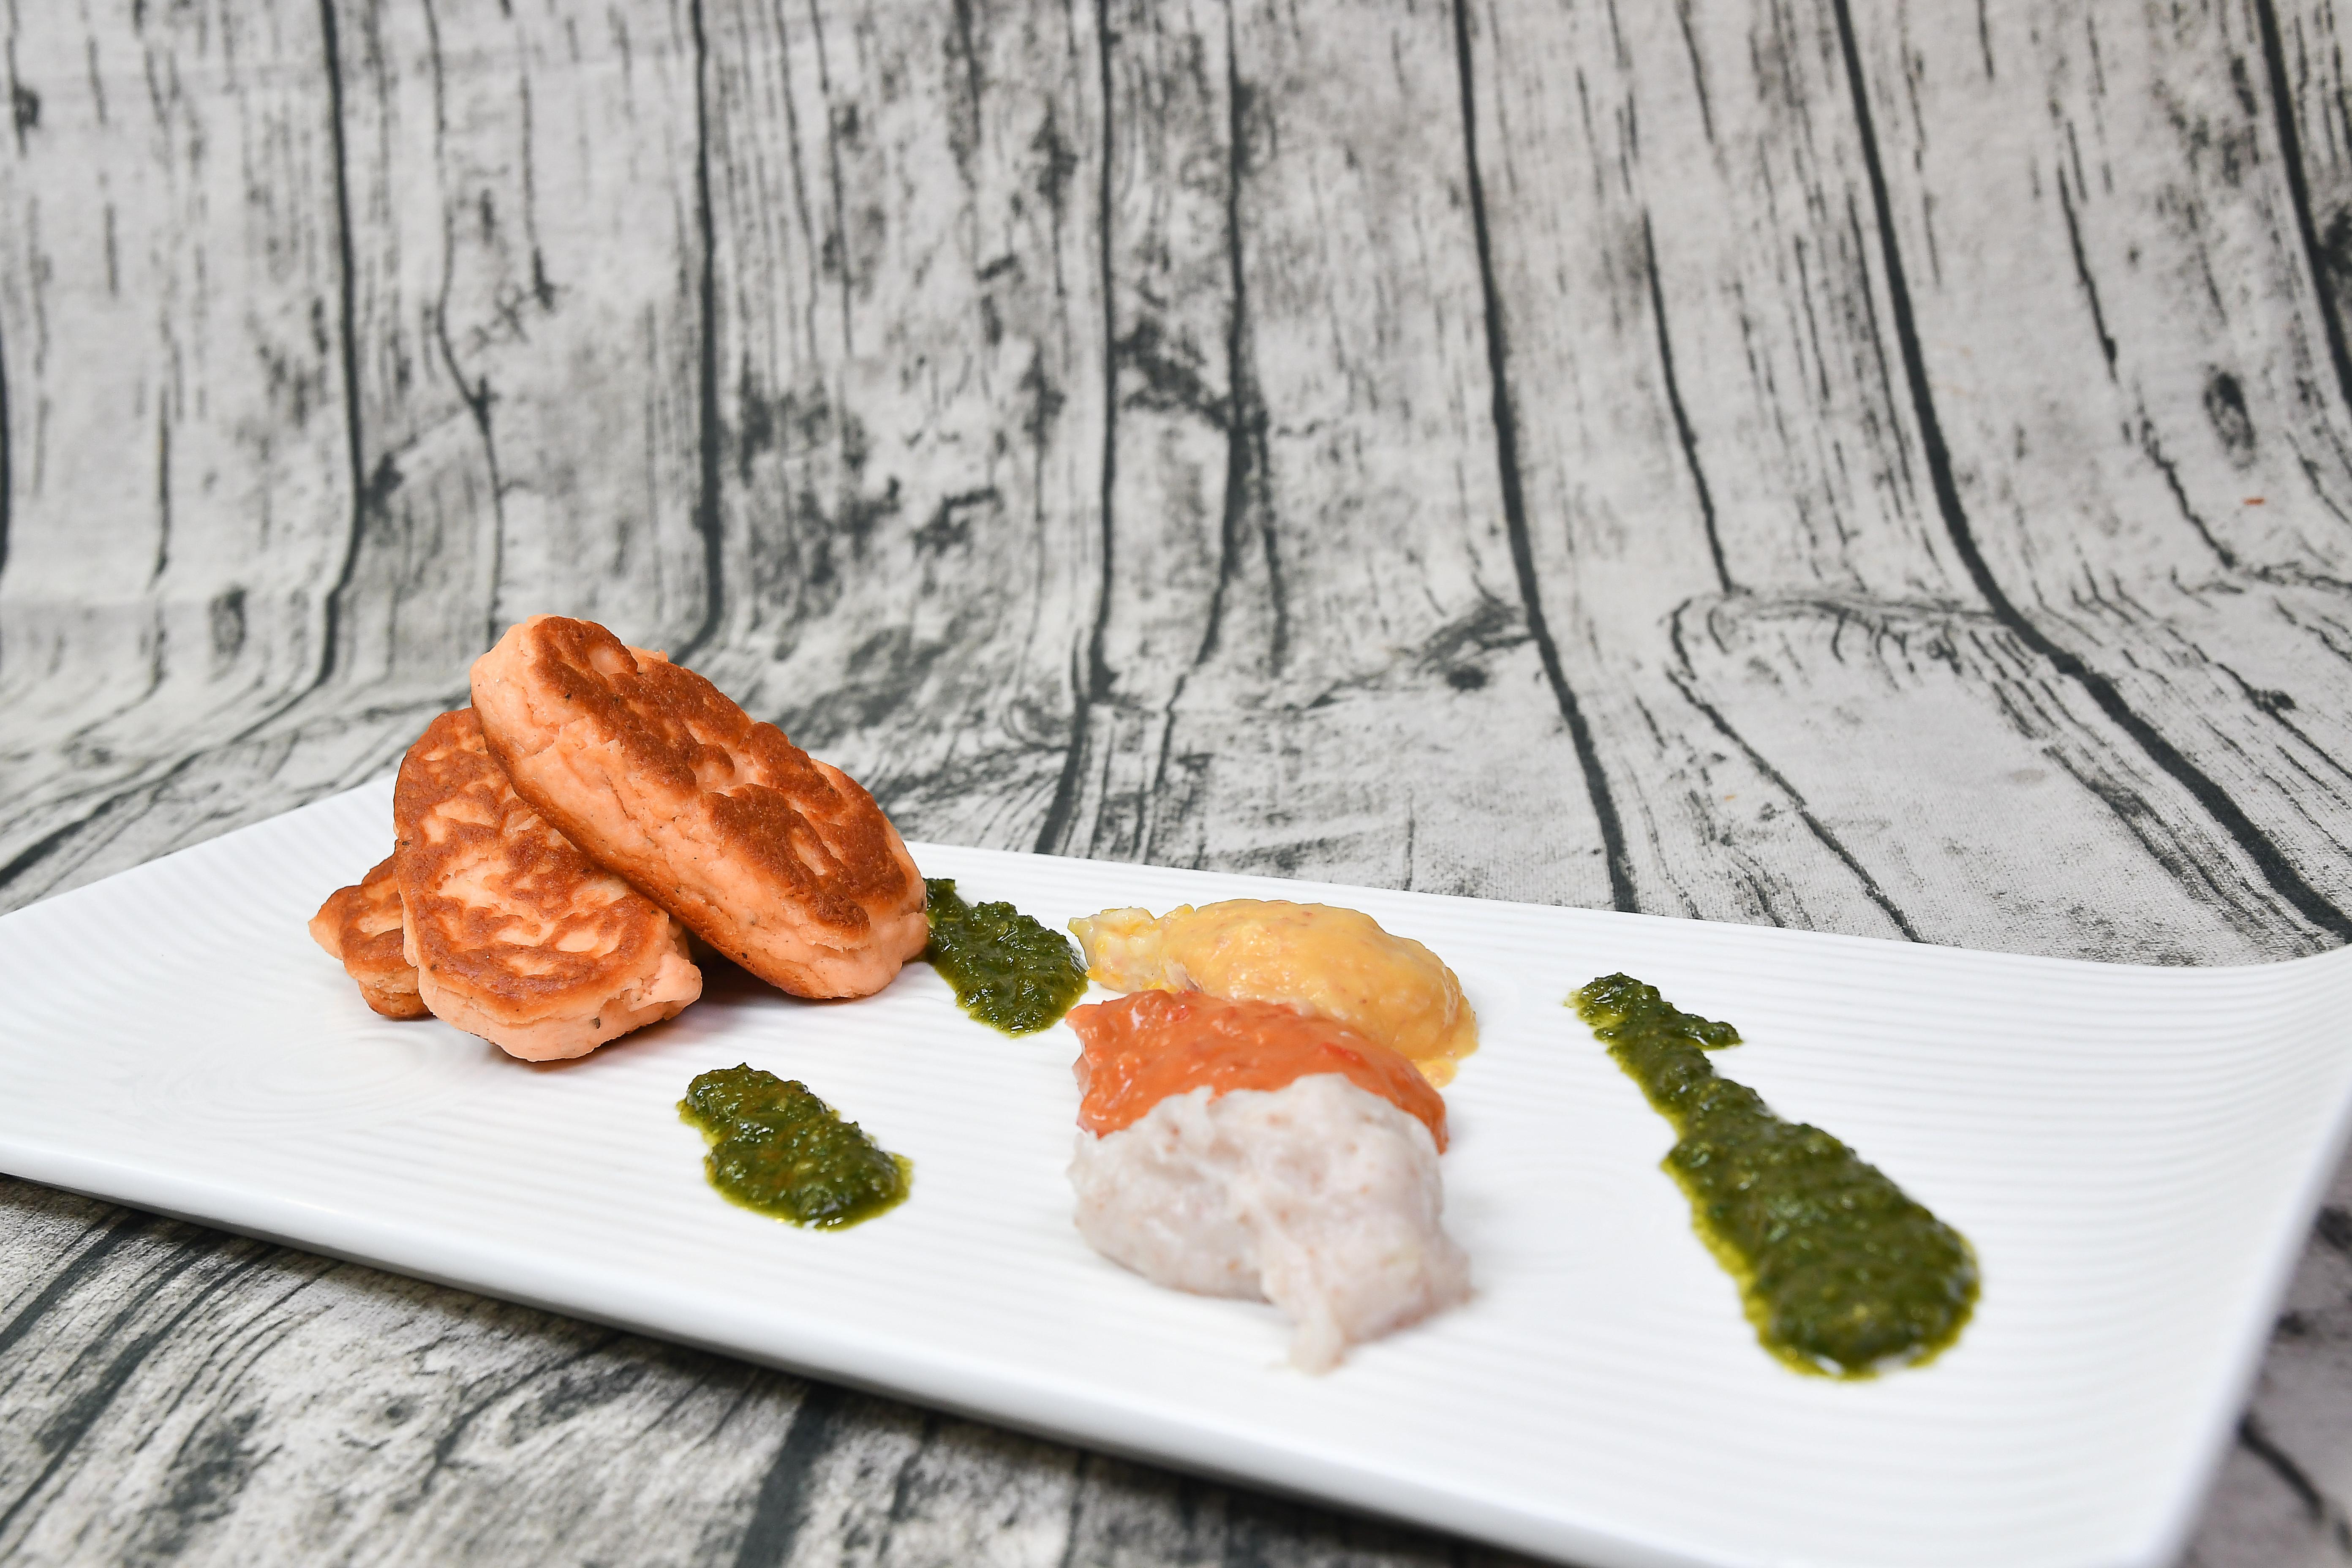 香煎鮭魚佐馬鈴薯溫沙拉